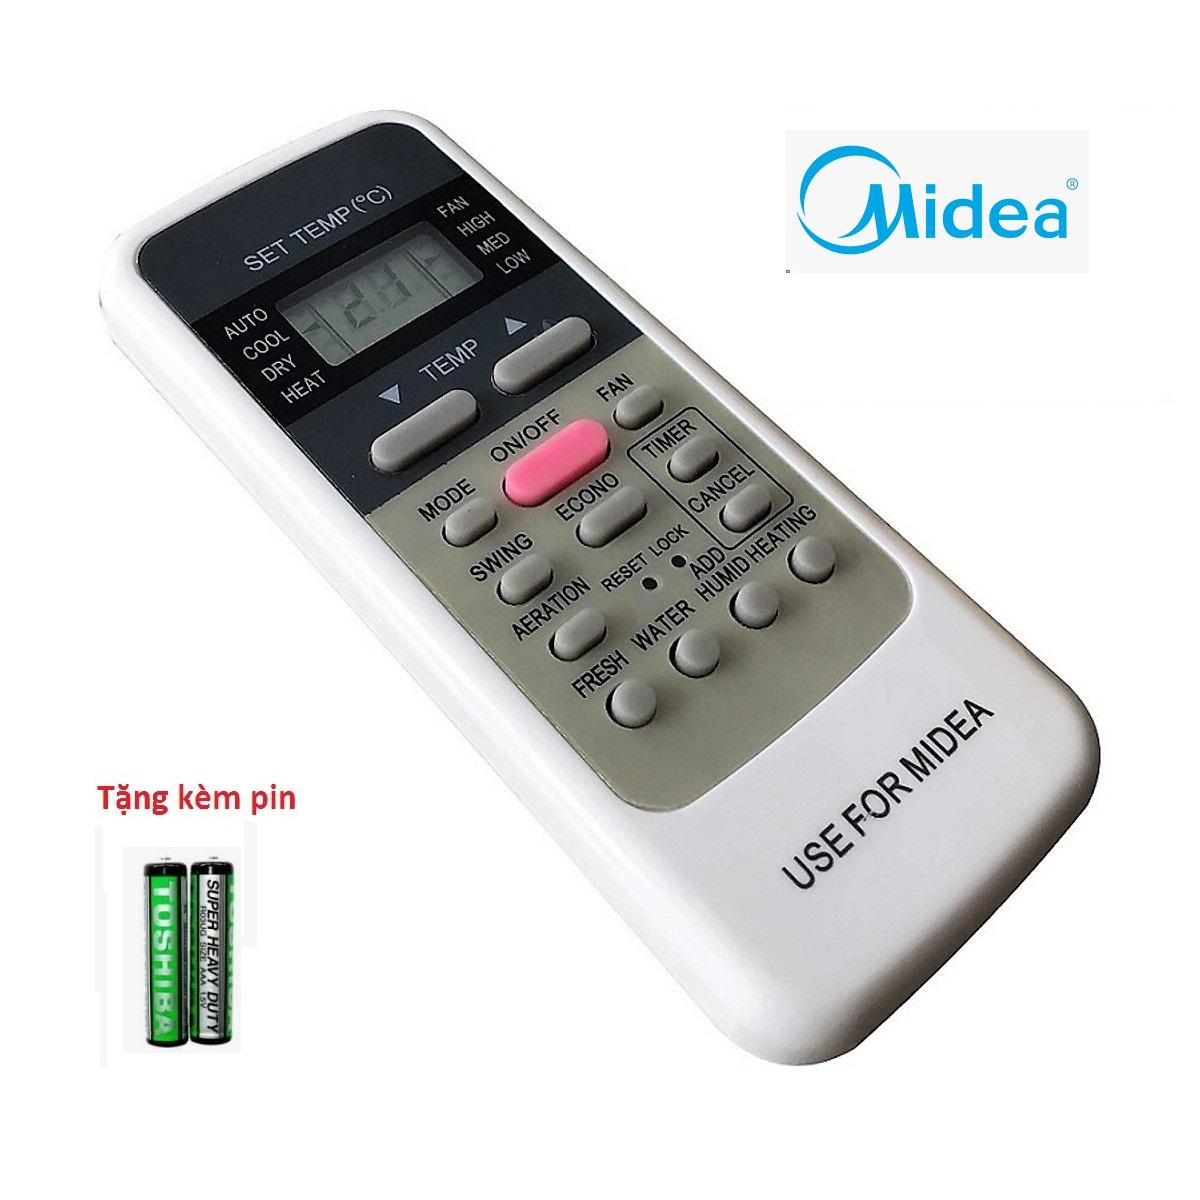 Điều khiển điều hòa Midea R51M/E 1 nút hồng mặt xanh loại tốt thay thế cho mã khiển zin theo máy - Remote midea  - Remote máy lạnh Midea R51M/E  nút hồng ở giữa -Bảo hành 3 tháng